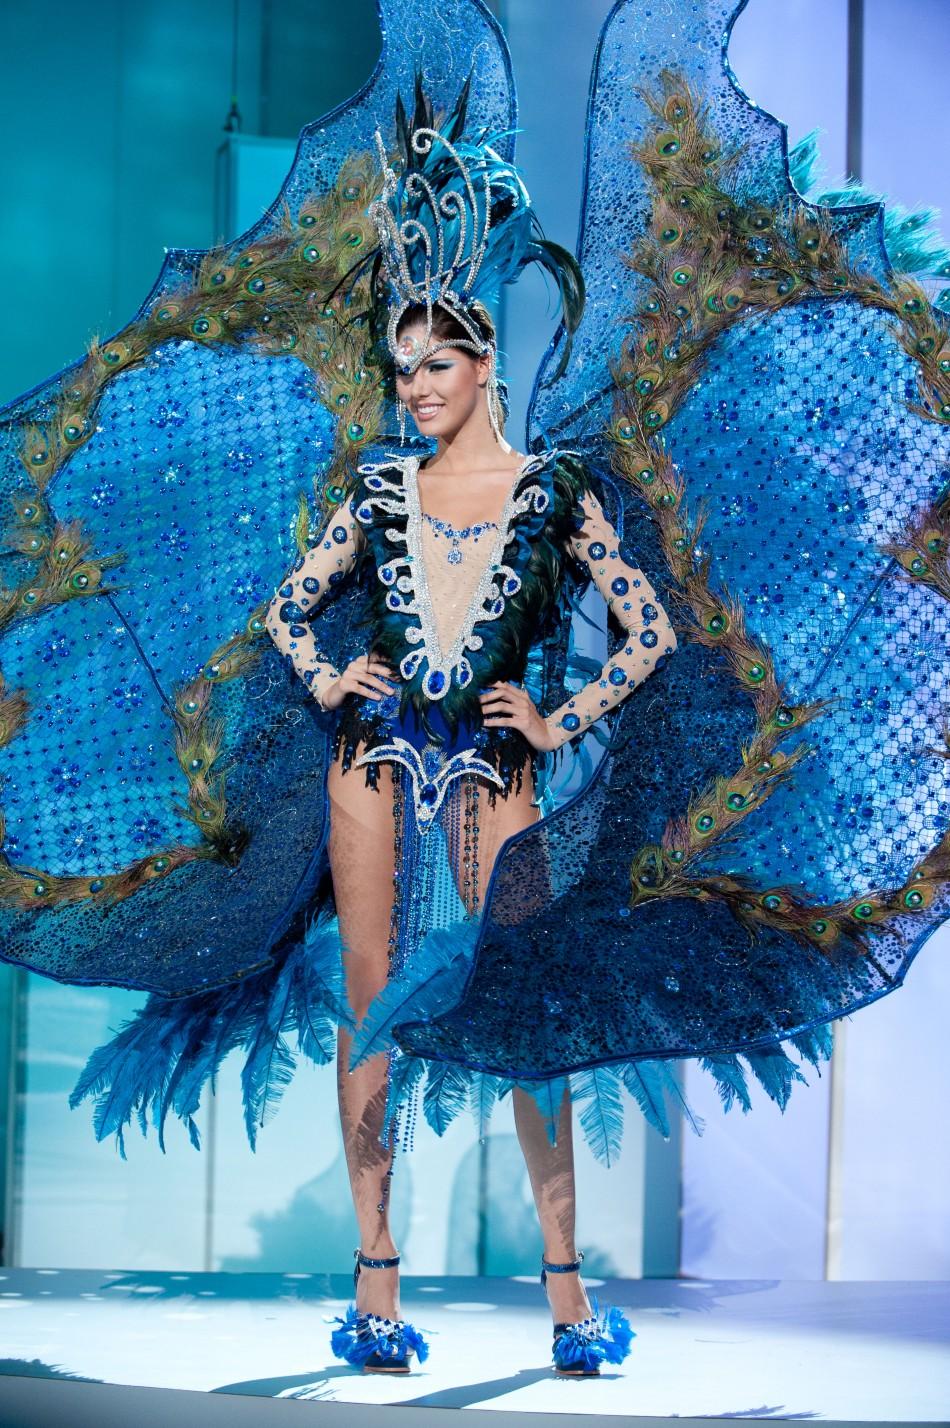 Miss Paraguay 2011